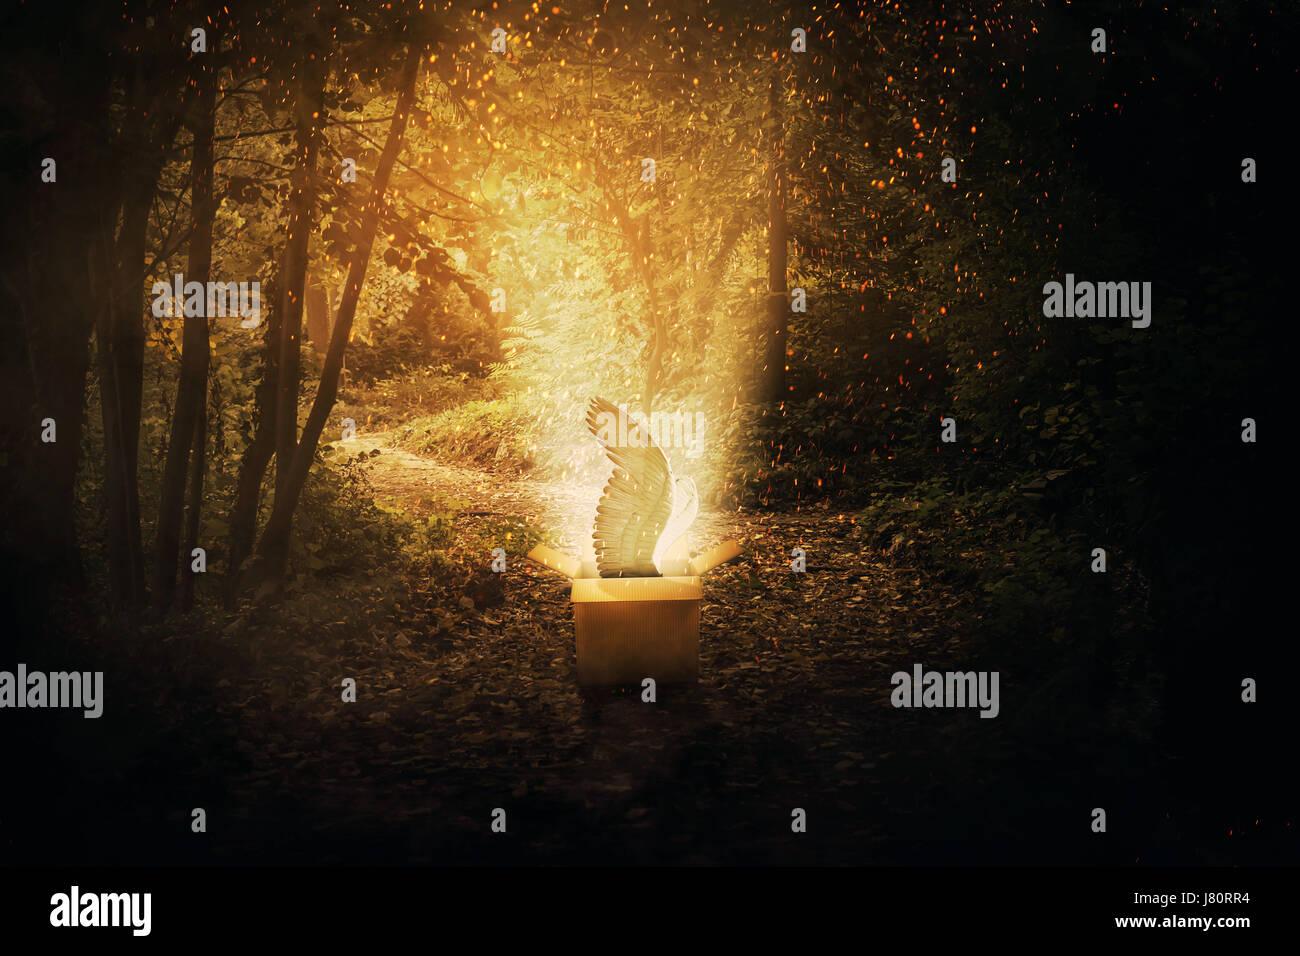 Caja de cartón mágico abrió en un bosque oscuro y una mística criatura con alas de ángel escapar a través de un Foto de stock